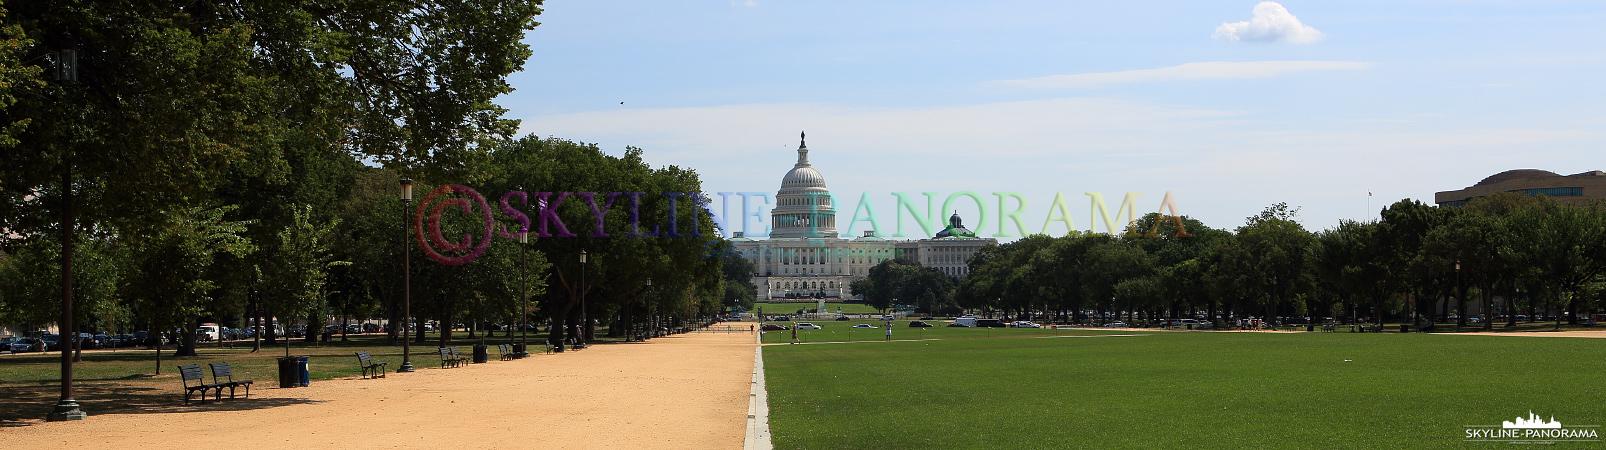 Ansichten Washington - Panoramablick von der National Mall aus in Richtung U.S. Capitol.